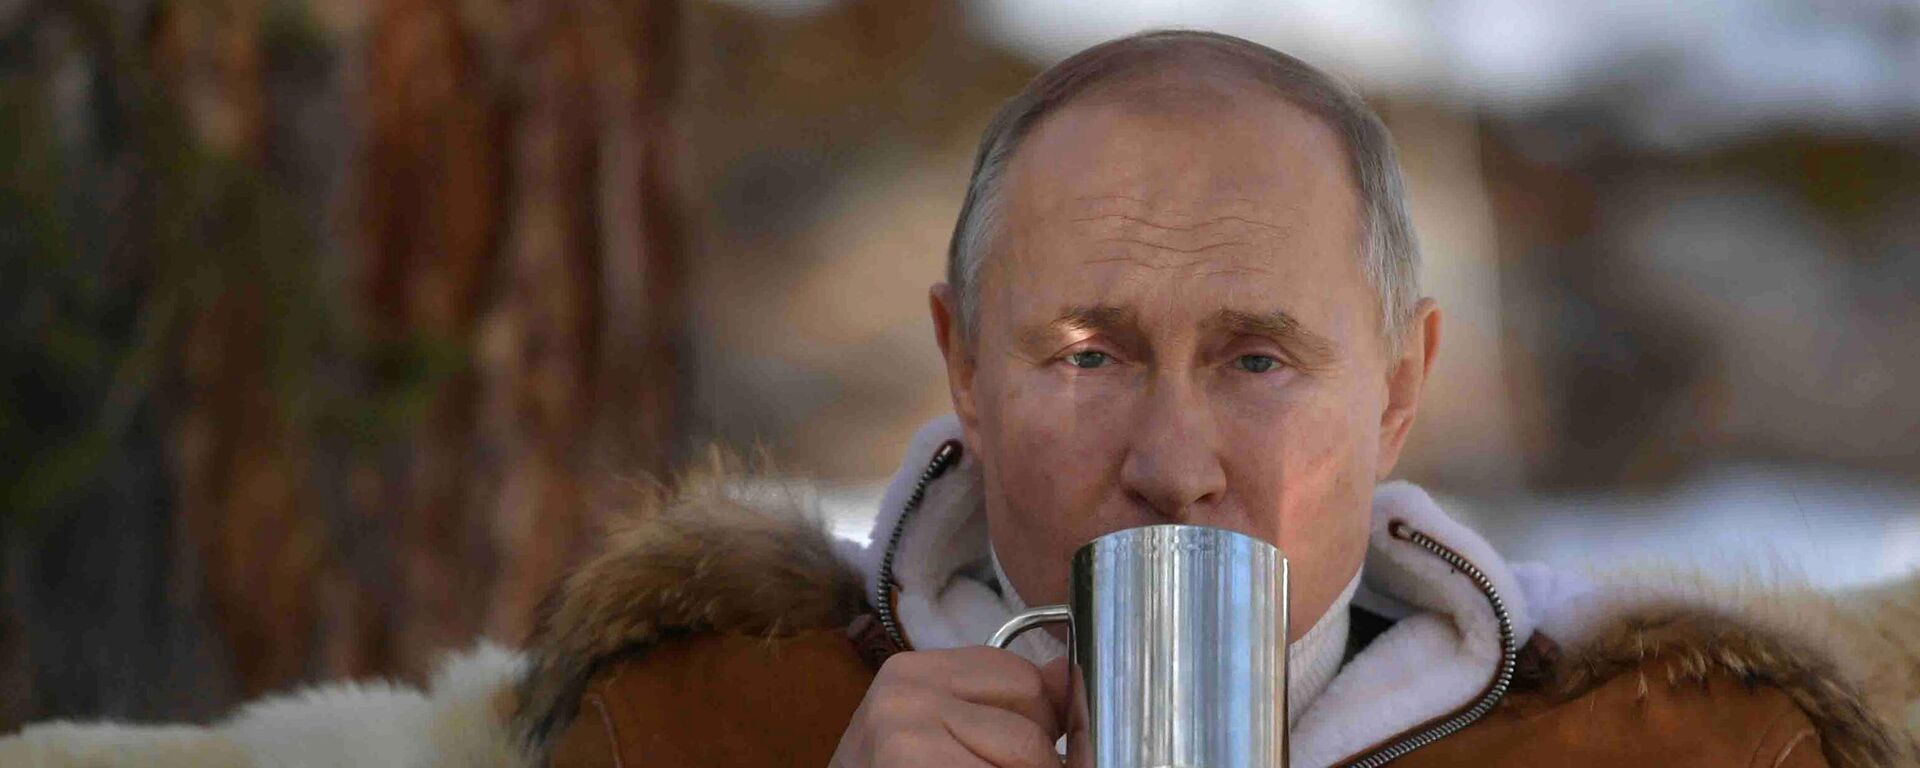 21 marta 2021. Prezident RF Vladimir Putin vo vremя otdыha v taйge. - Sputnik Srbija, 1920, 07.10.2021